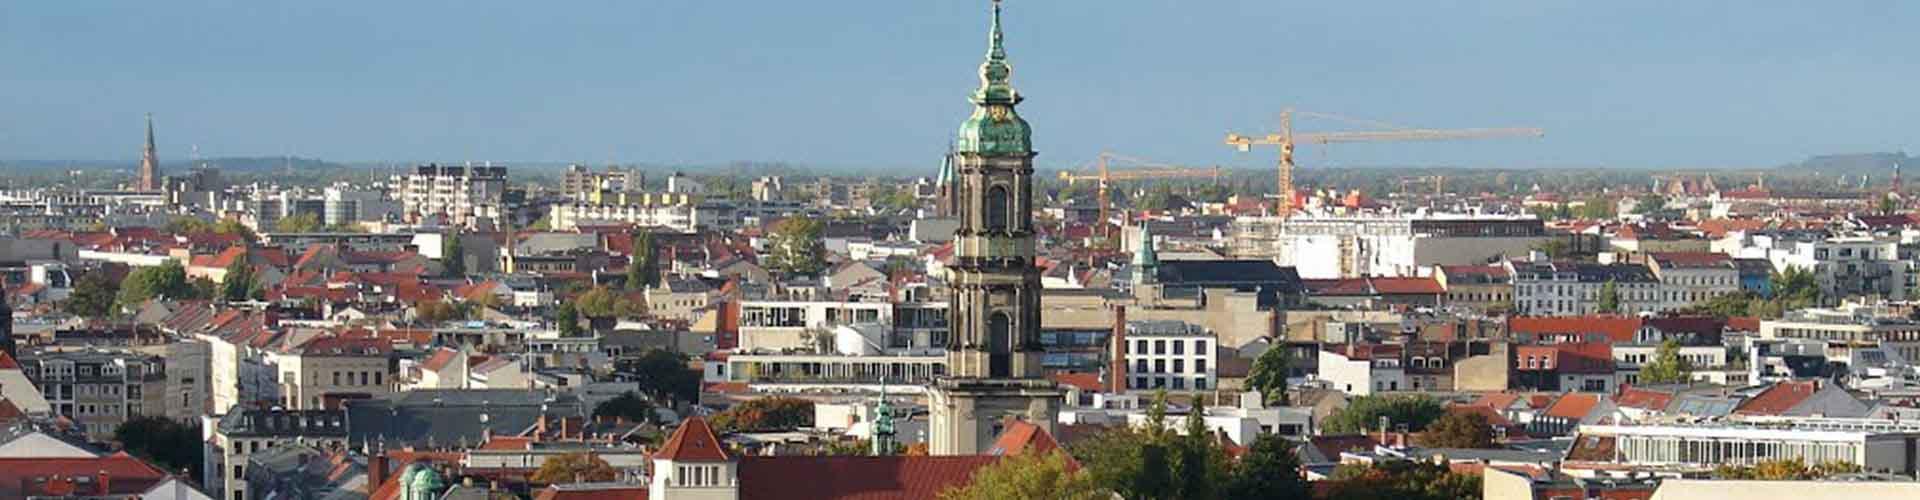 Berlin – Hostels im Stadtteil Spandauer Vorstadt. Berlin auf der Karte. Fotos und Bewertungen für jedes Hostel in Berlin.